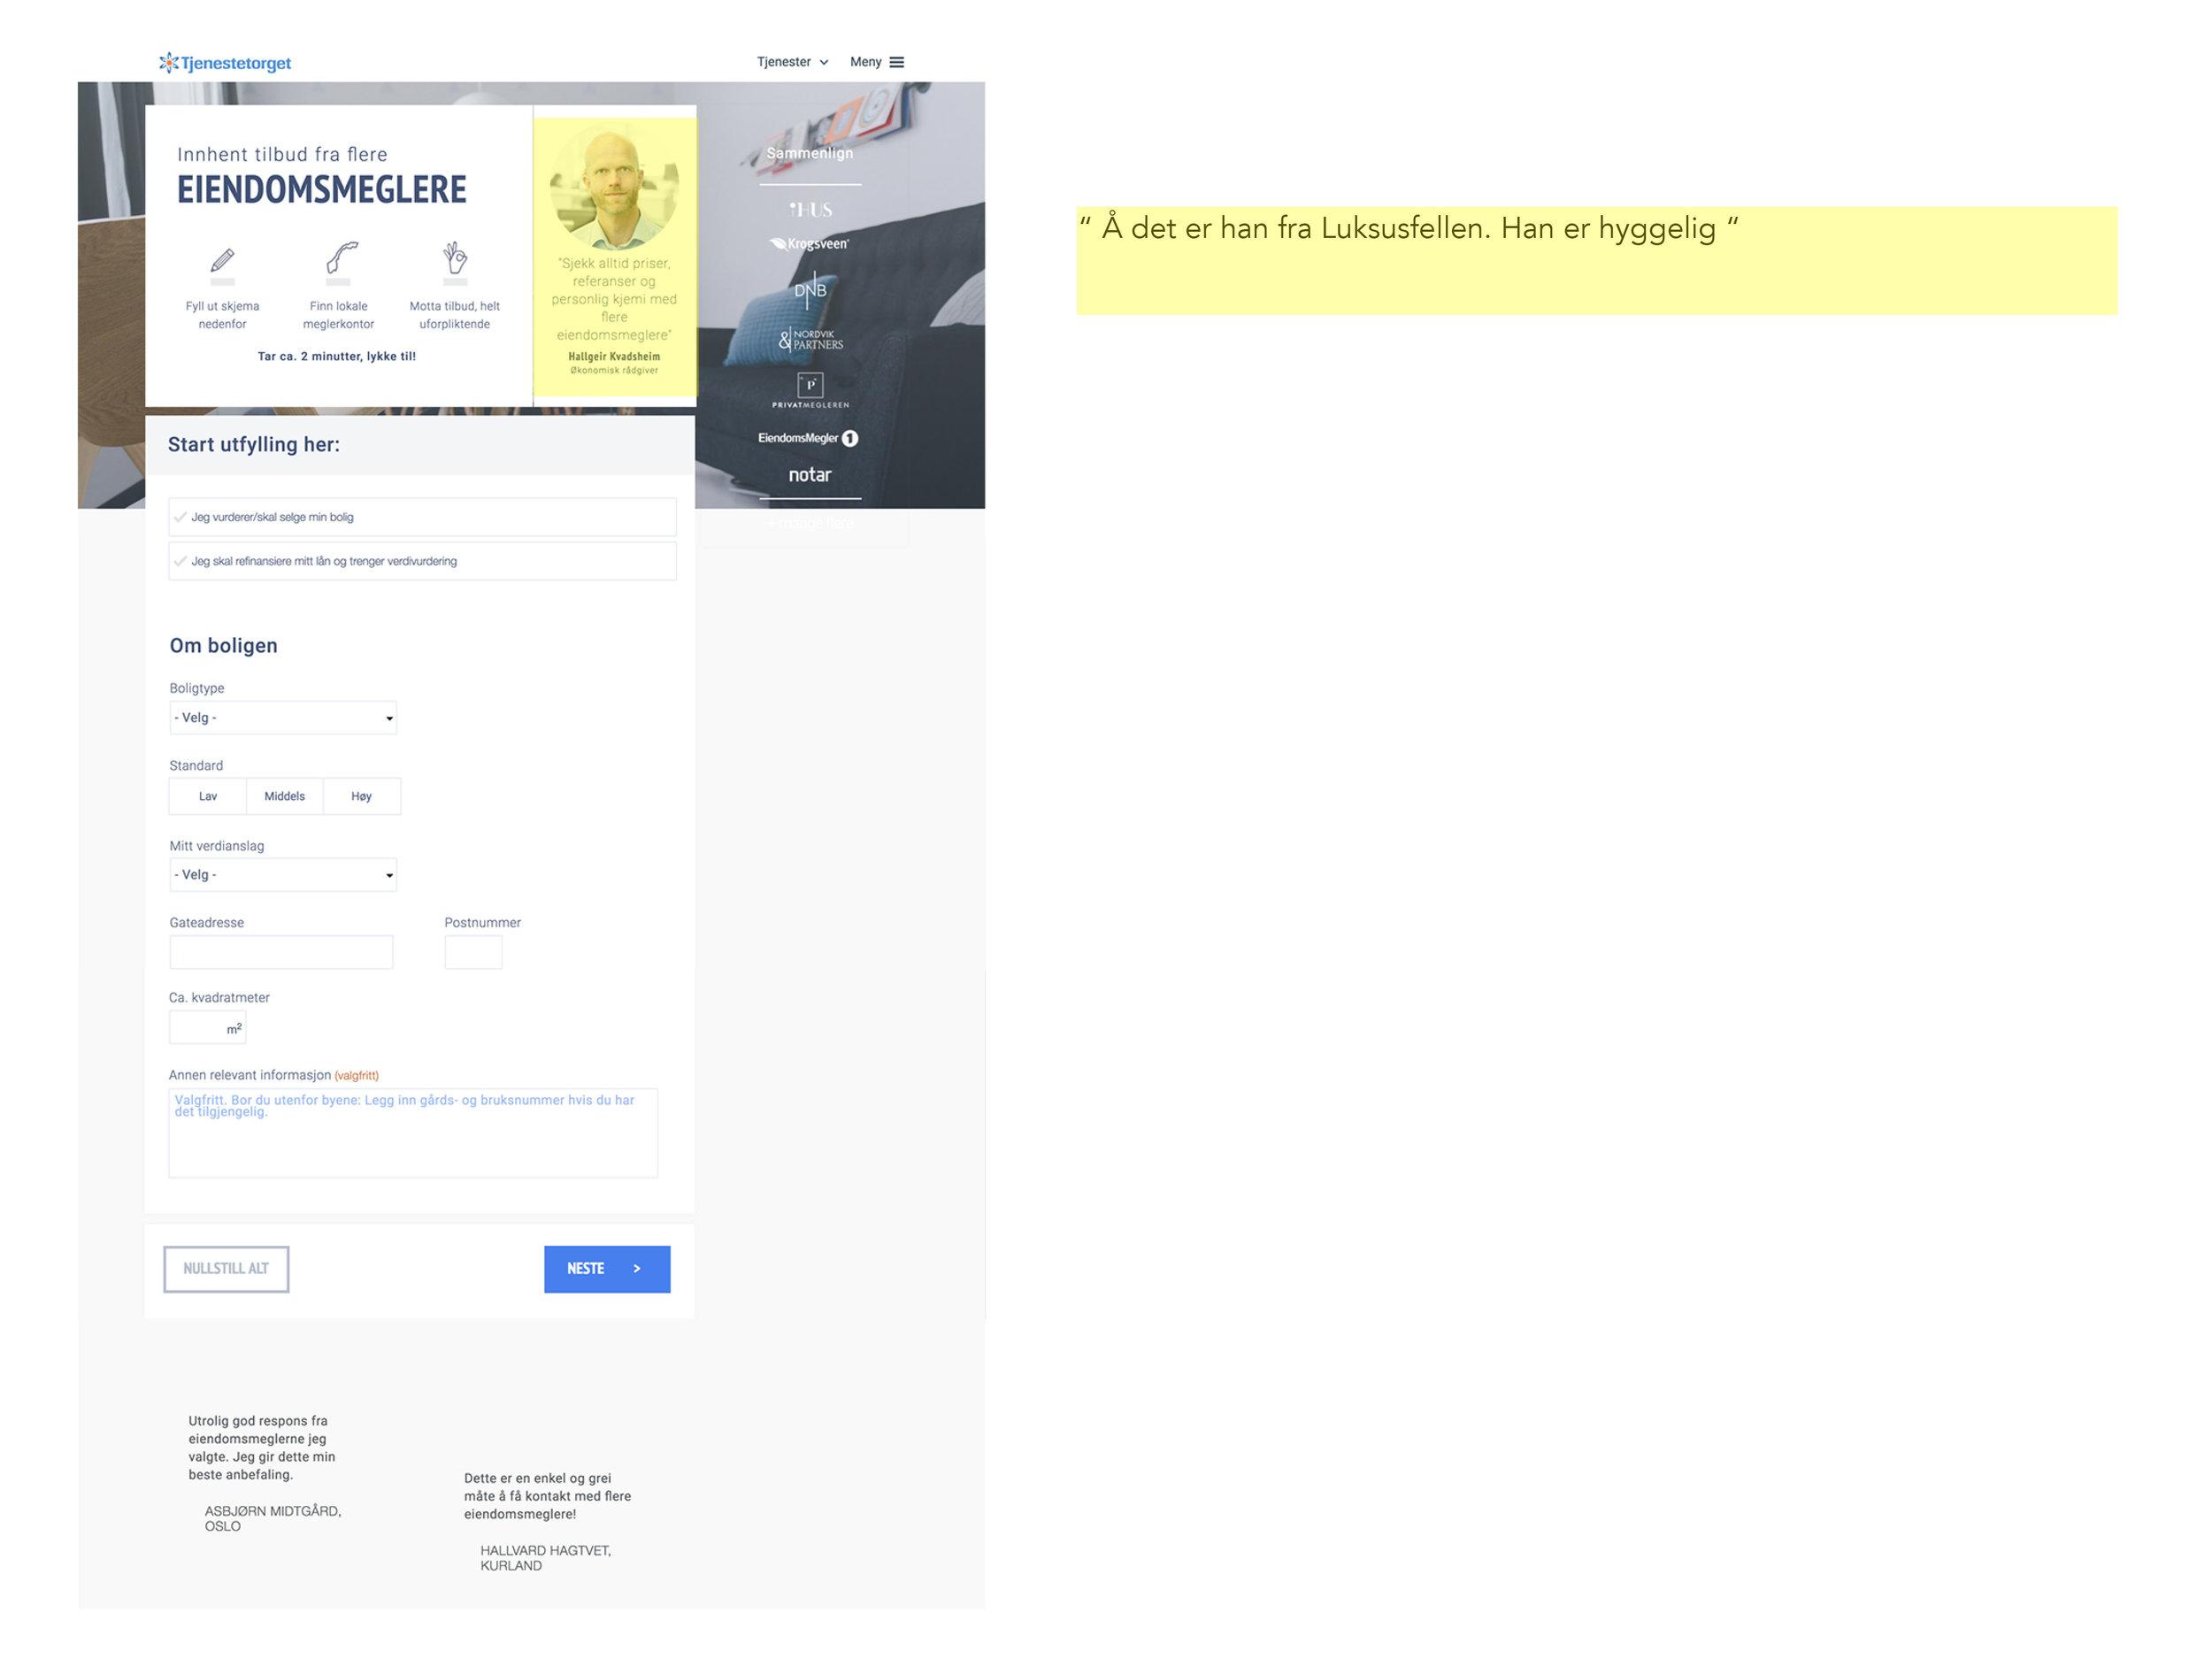 tjenestetorget oppgave presentasjon copy5.jpg